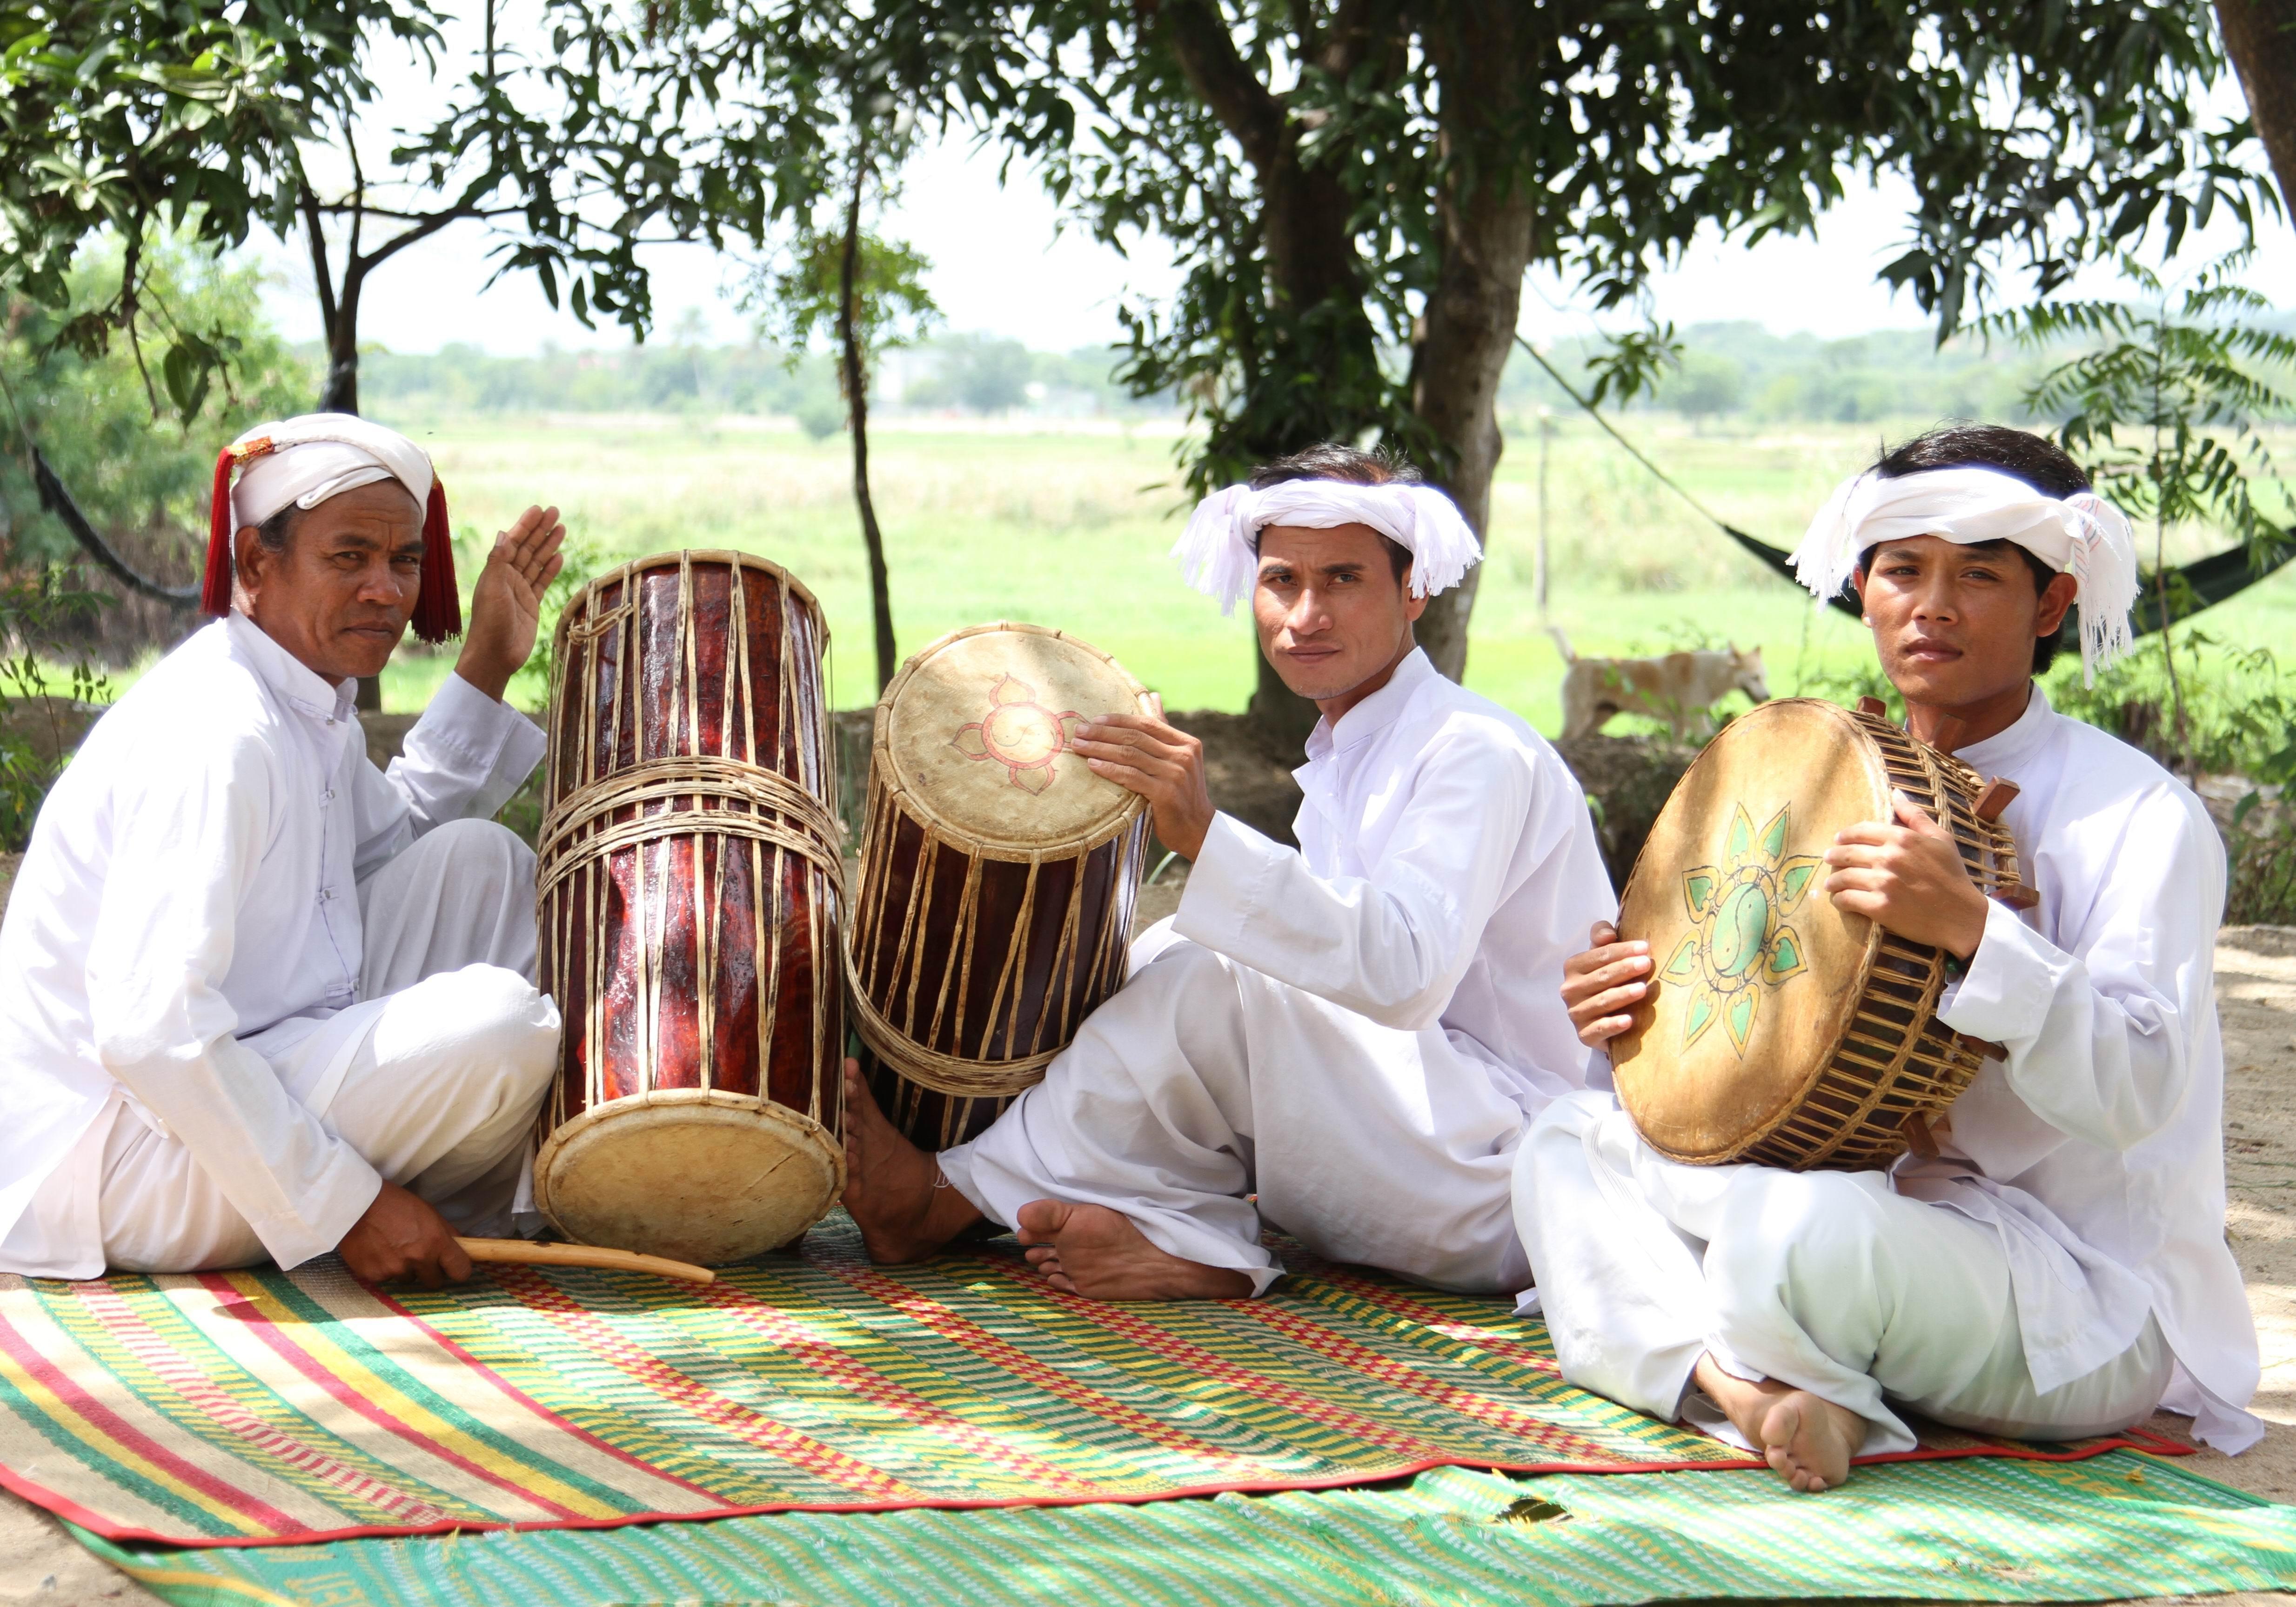 Nghệ nhân Ưu tú Phú Văn Lương truyền dạy biểu diễn trống ghi năng cho thanh niên làng Chăm Như Ngọc xã Phước Thái, Ninh Phước.